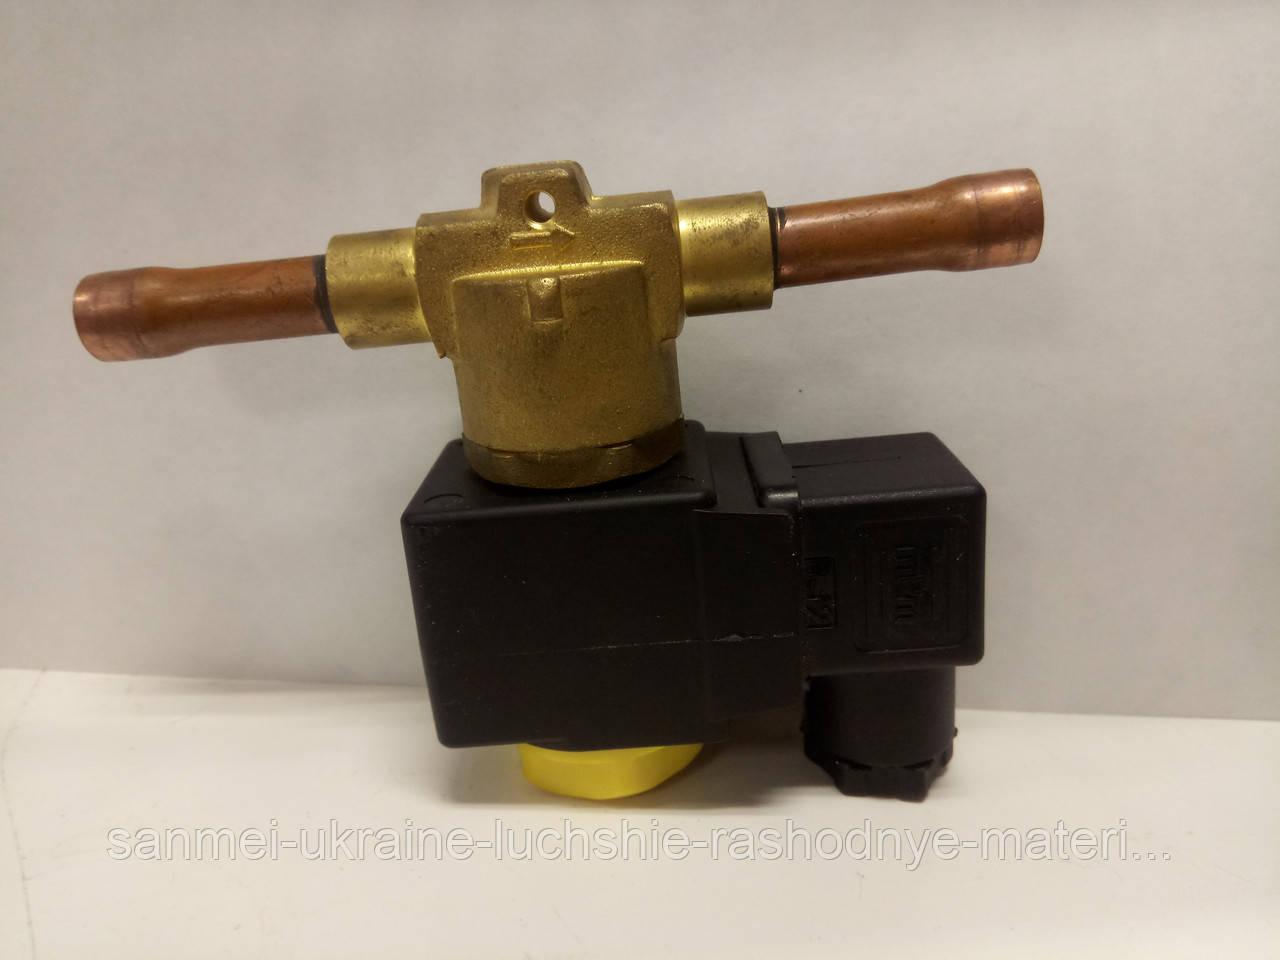 Солиноидный вентиль SV 1070/4 1/2 пайка